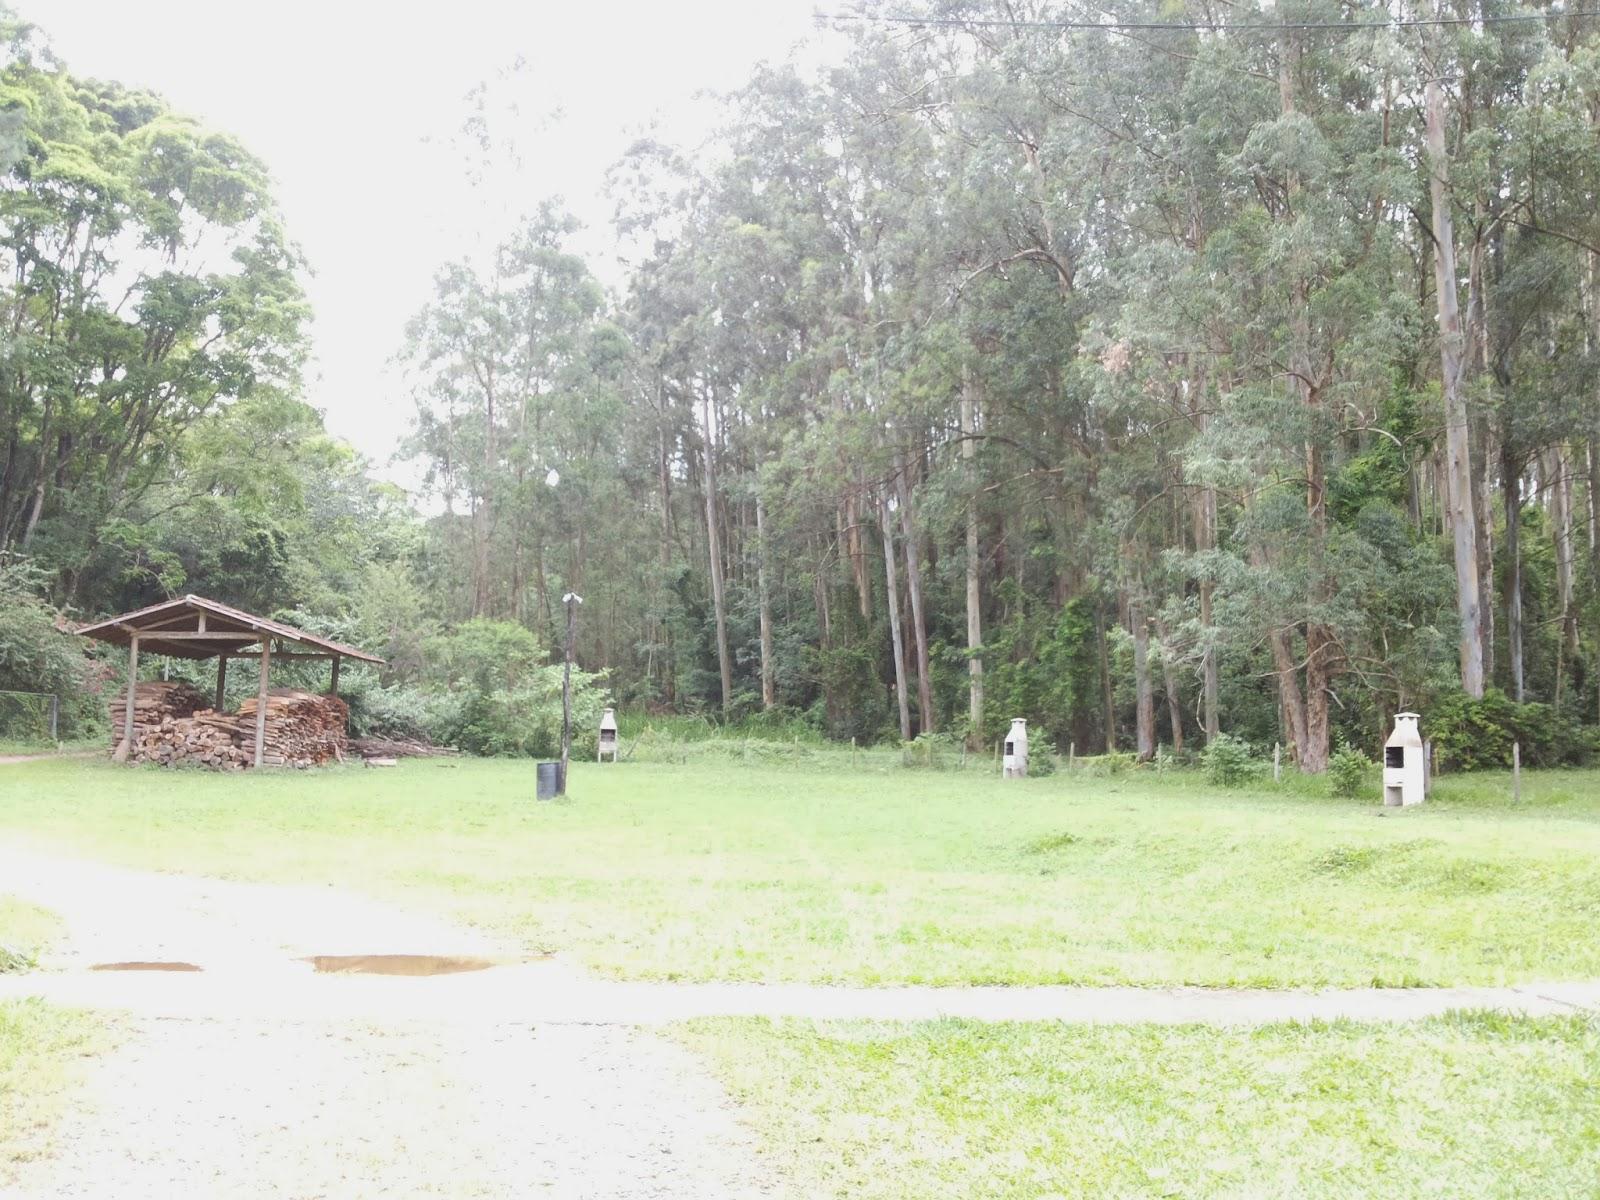 d58ecfda52da8 Podinha Camping Club  Atualização Camping Chapéu de Sol – Itu SP